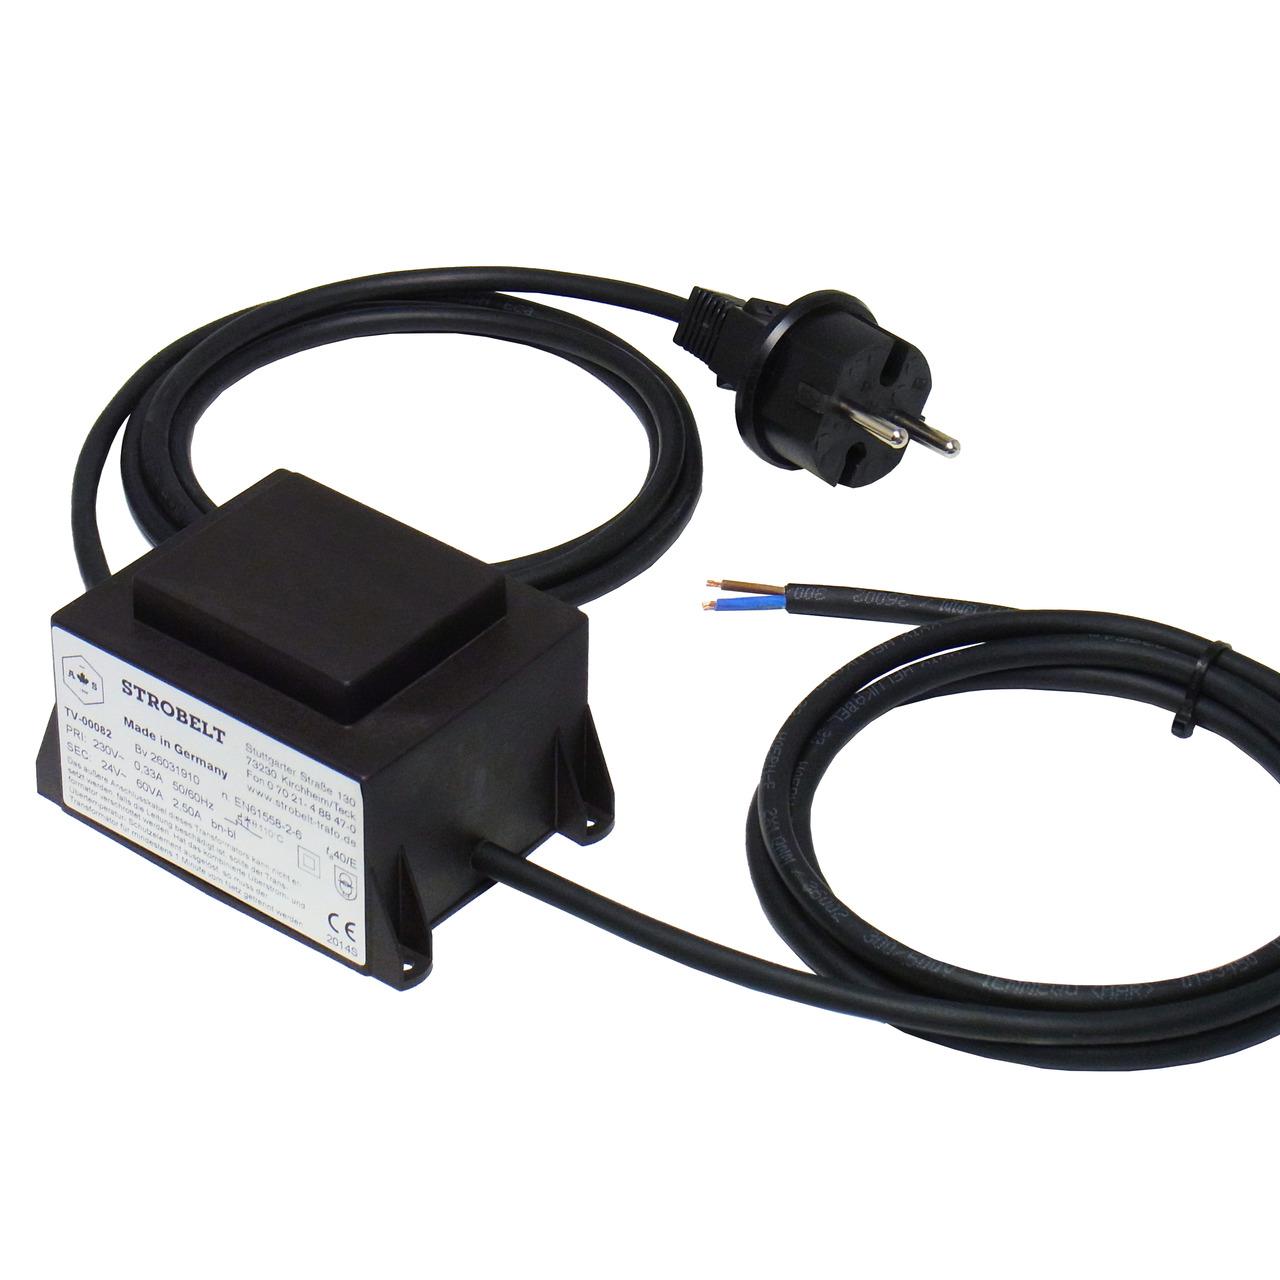 Strobelt Sicherheitstransformator 60 VA- 230V- 50-60 Hz- SEC 24V AC- vergossen in Gehäuse- IP44